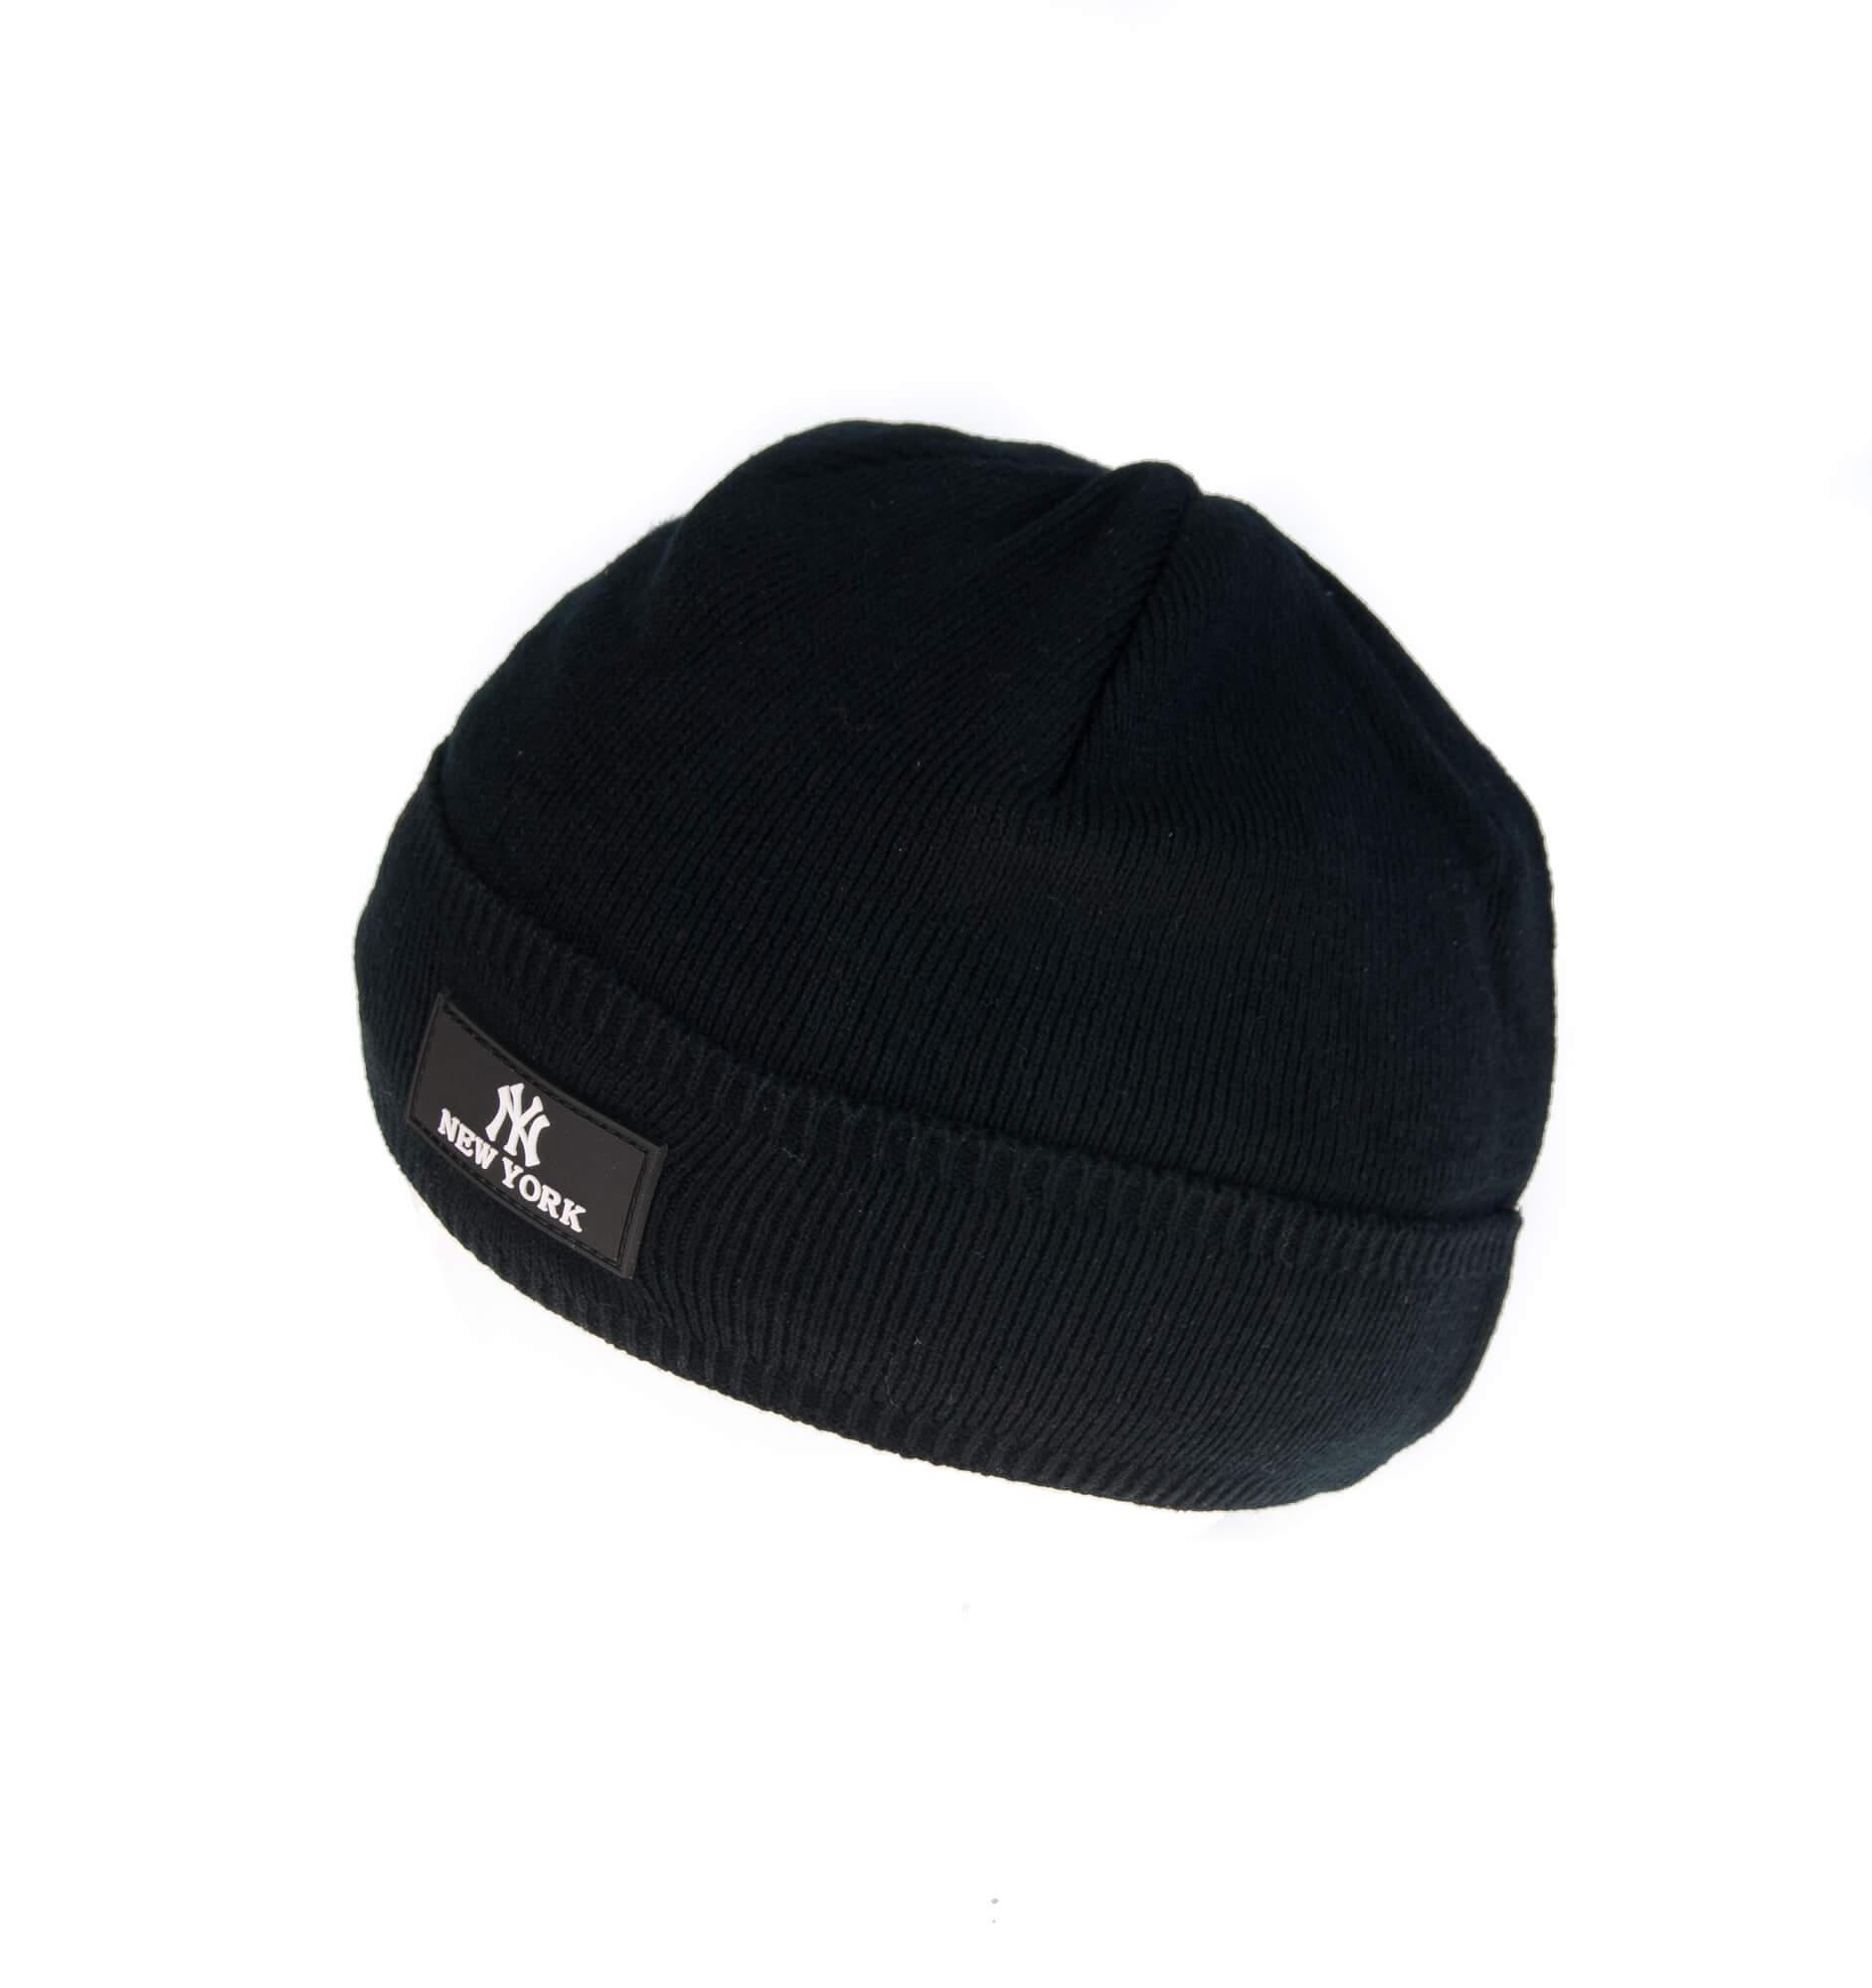 کلاه مردانه NEW YOURK کد HN1010